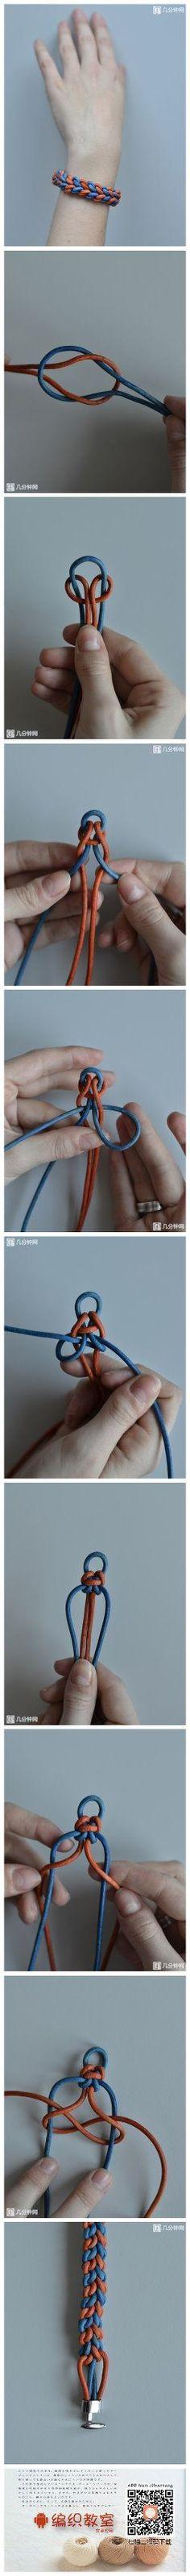 fonat braid/ knot